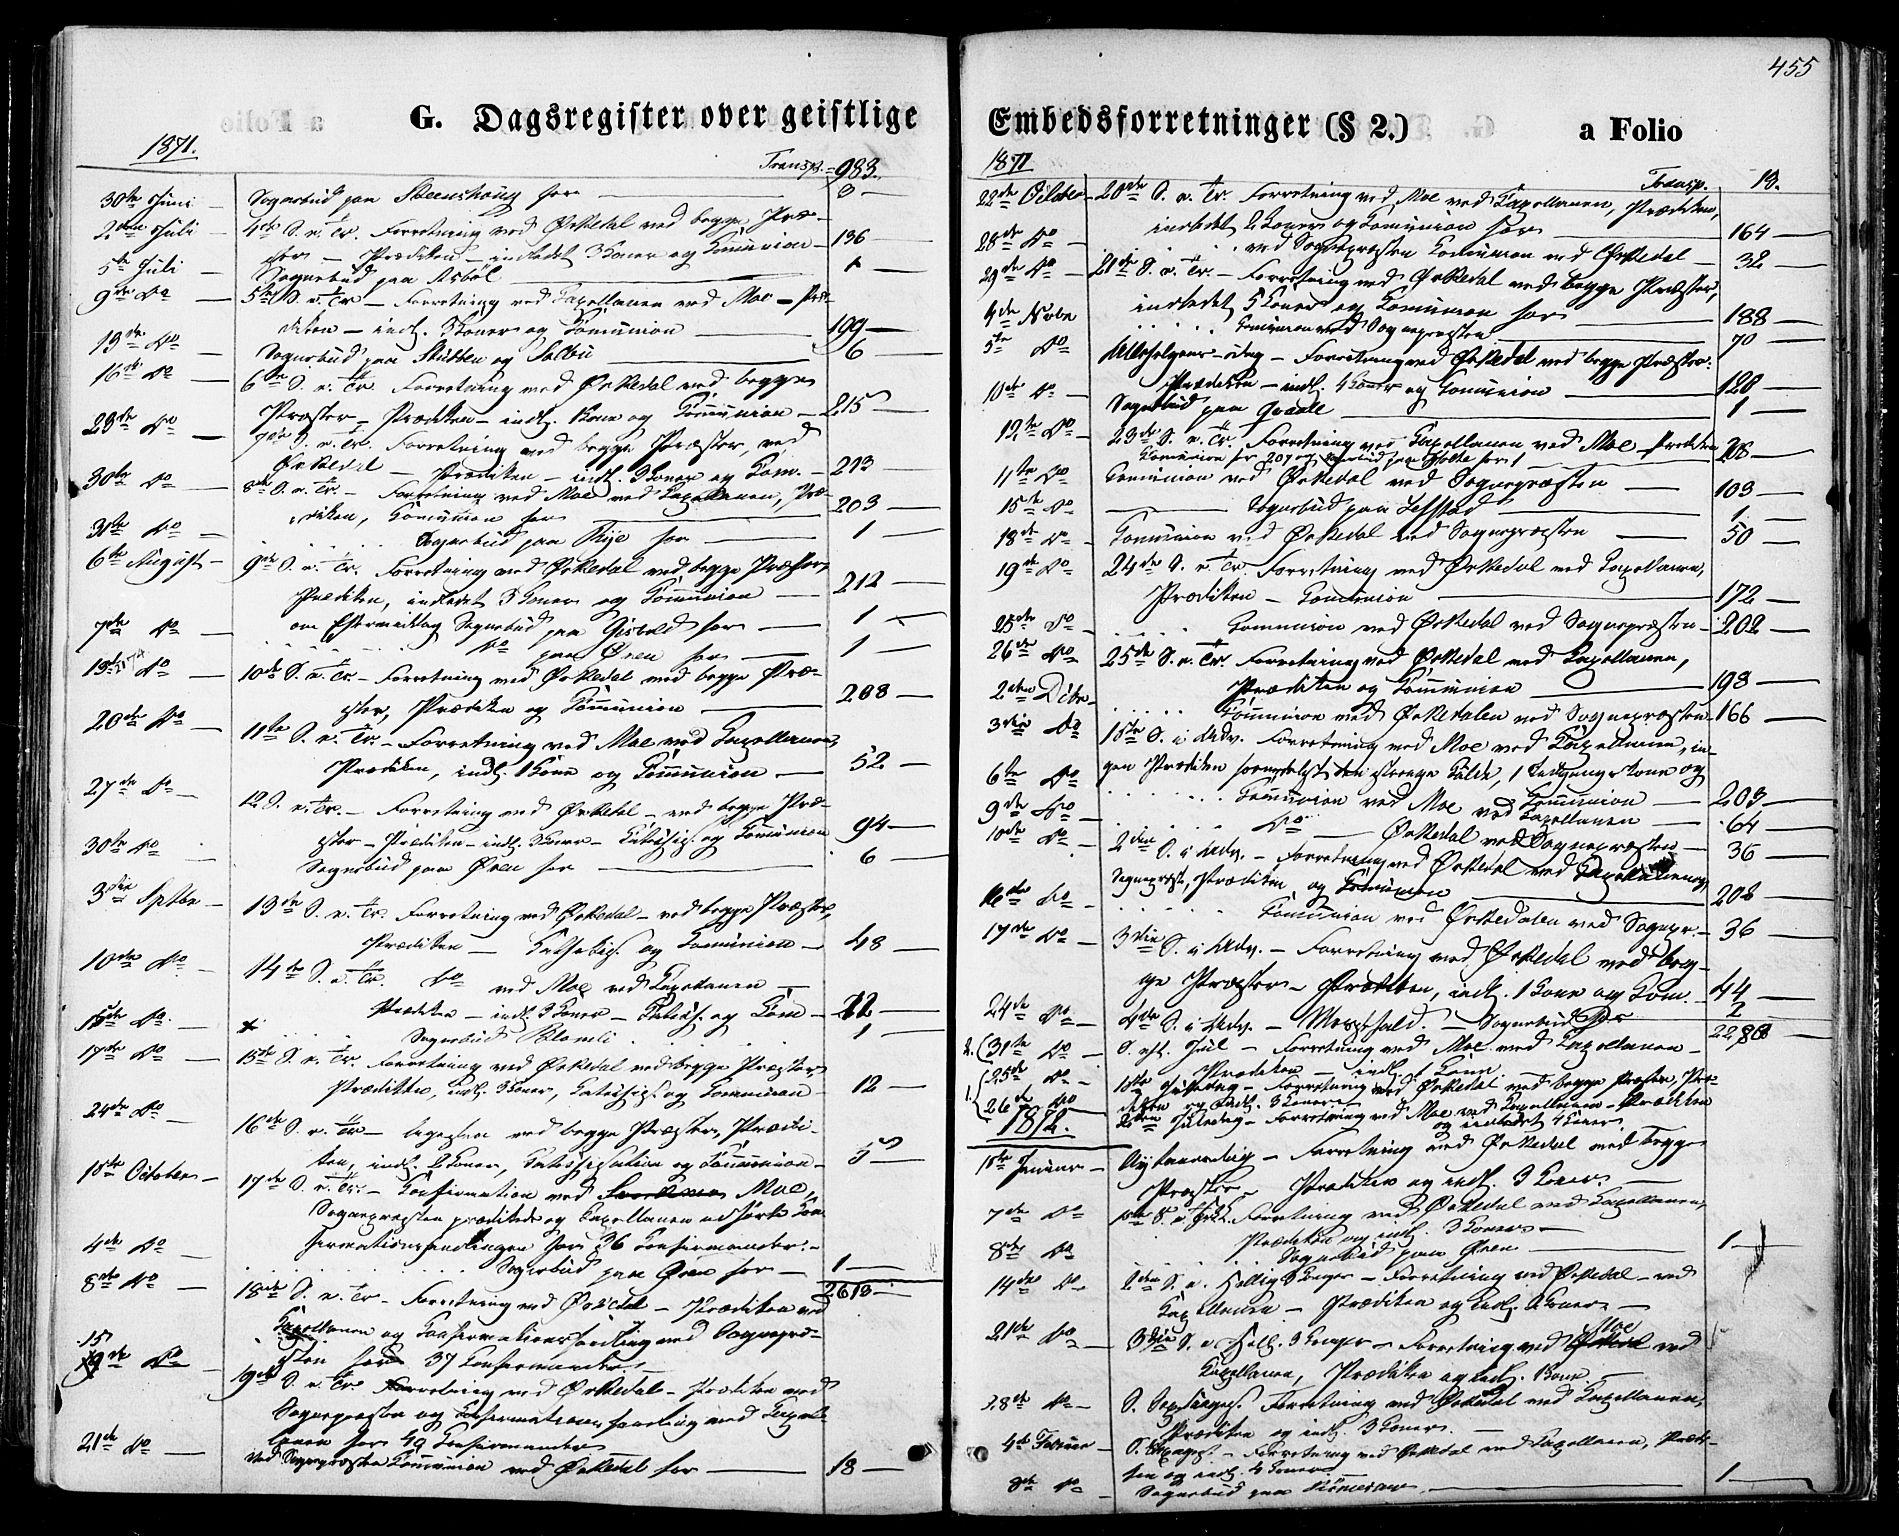 SAT, Ministerialprotokoller, klokkerbøker og fødselsregistre - Sør-Trøndelag, 668/L0807: Ministerialbok nr. 668A07, 1870-1880, s. 455